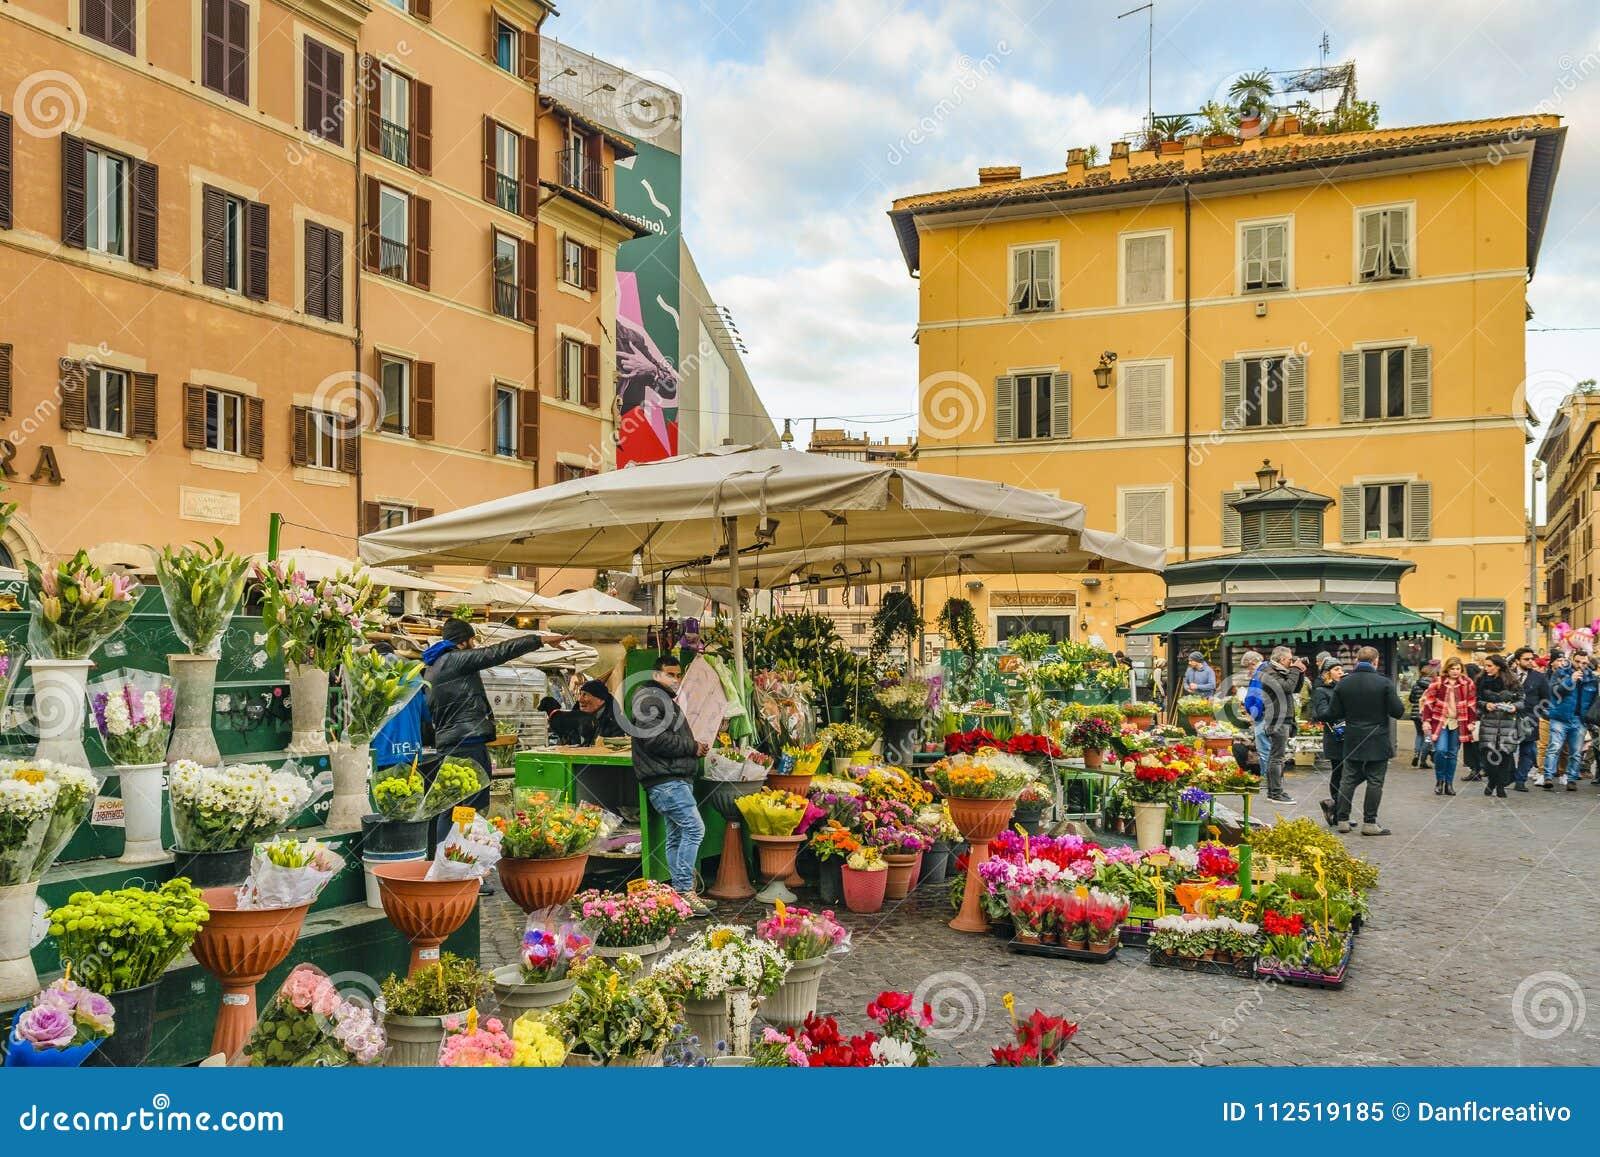 Fiori Italia.Campo Dei Fiori Square Rome Italy Editorial Image Image Of